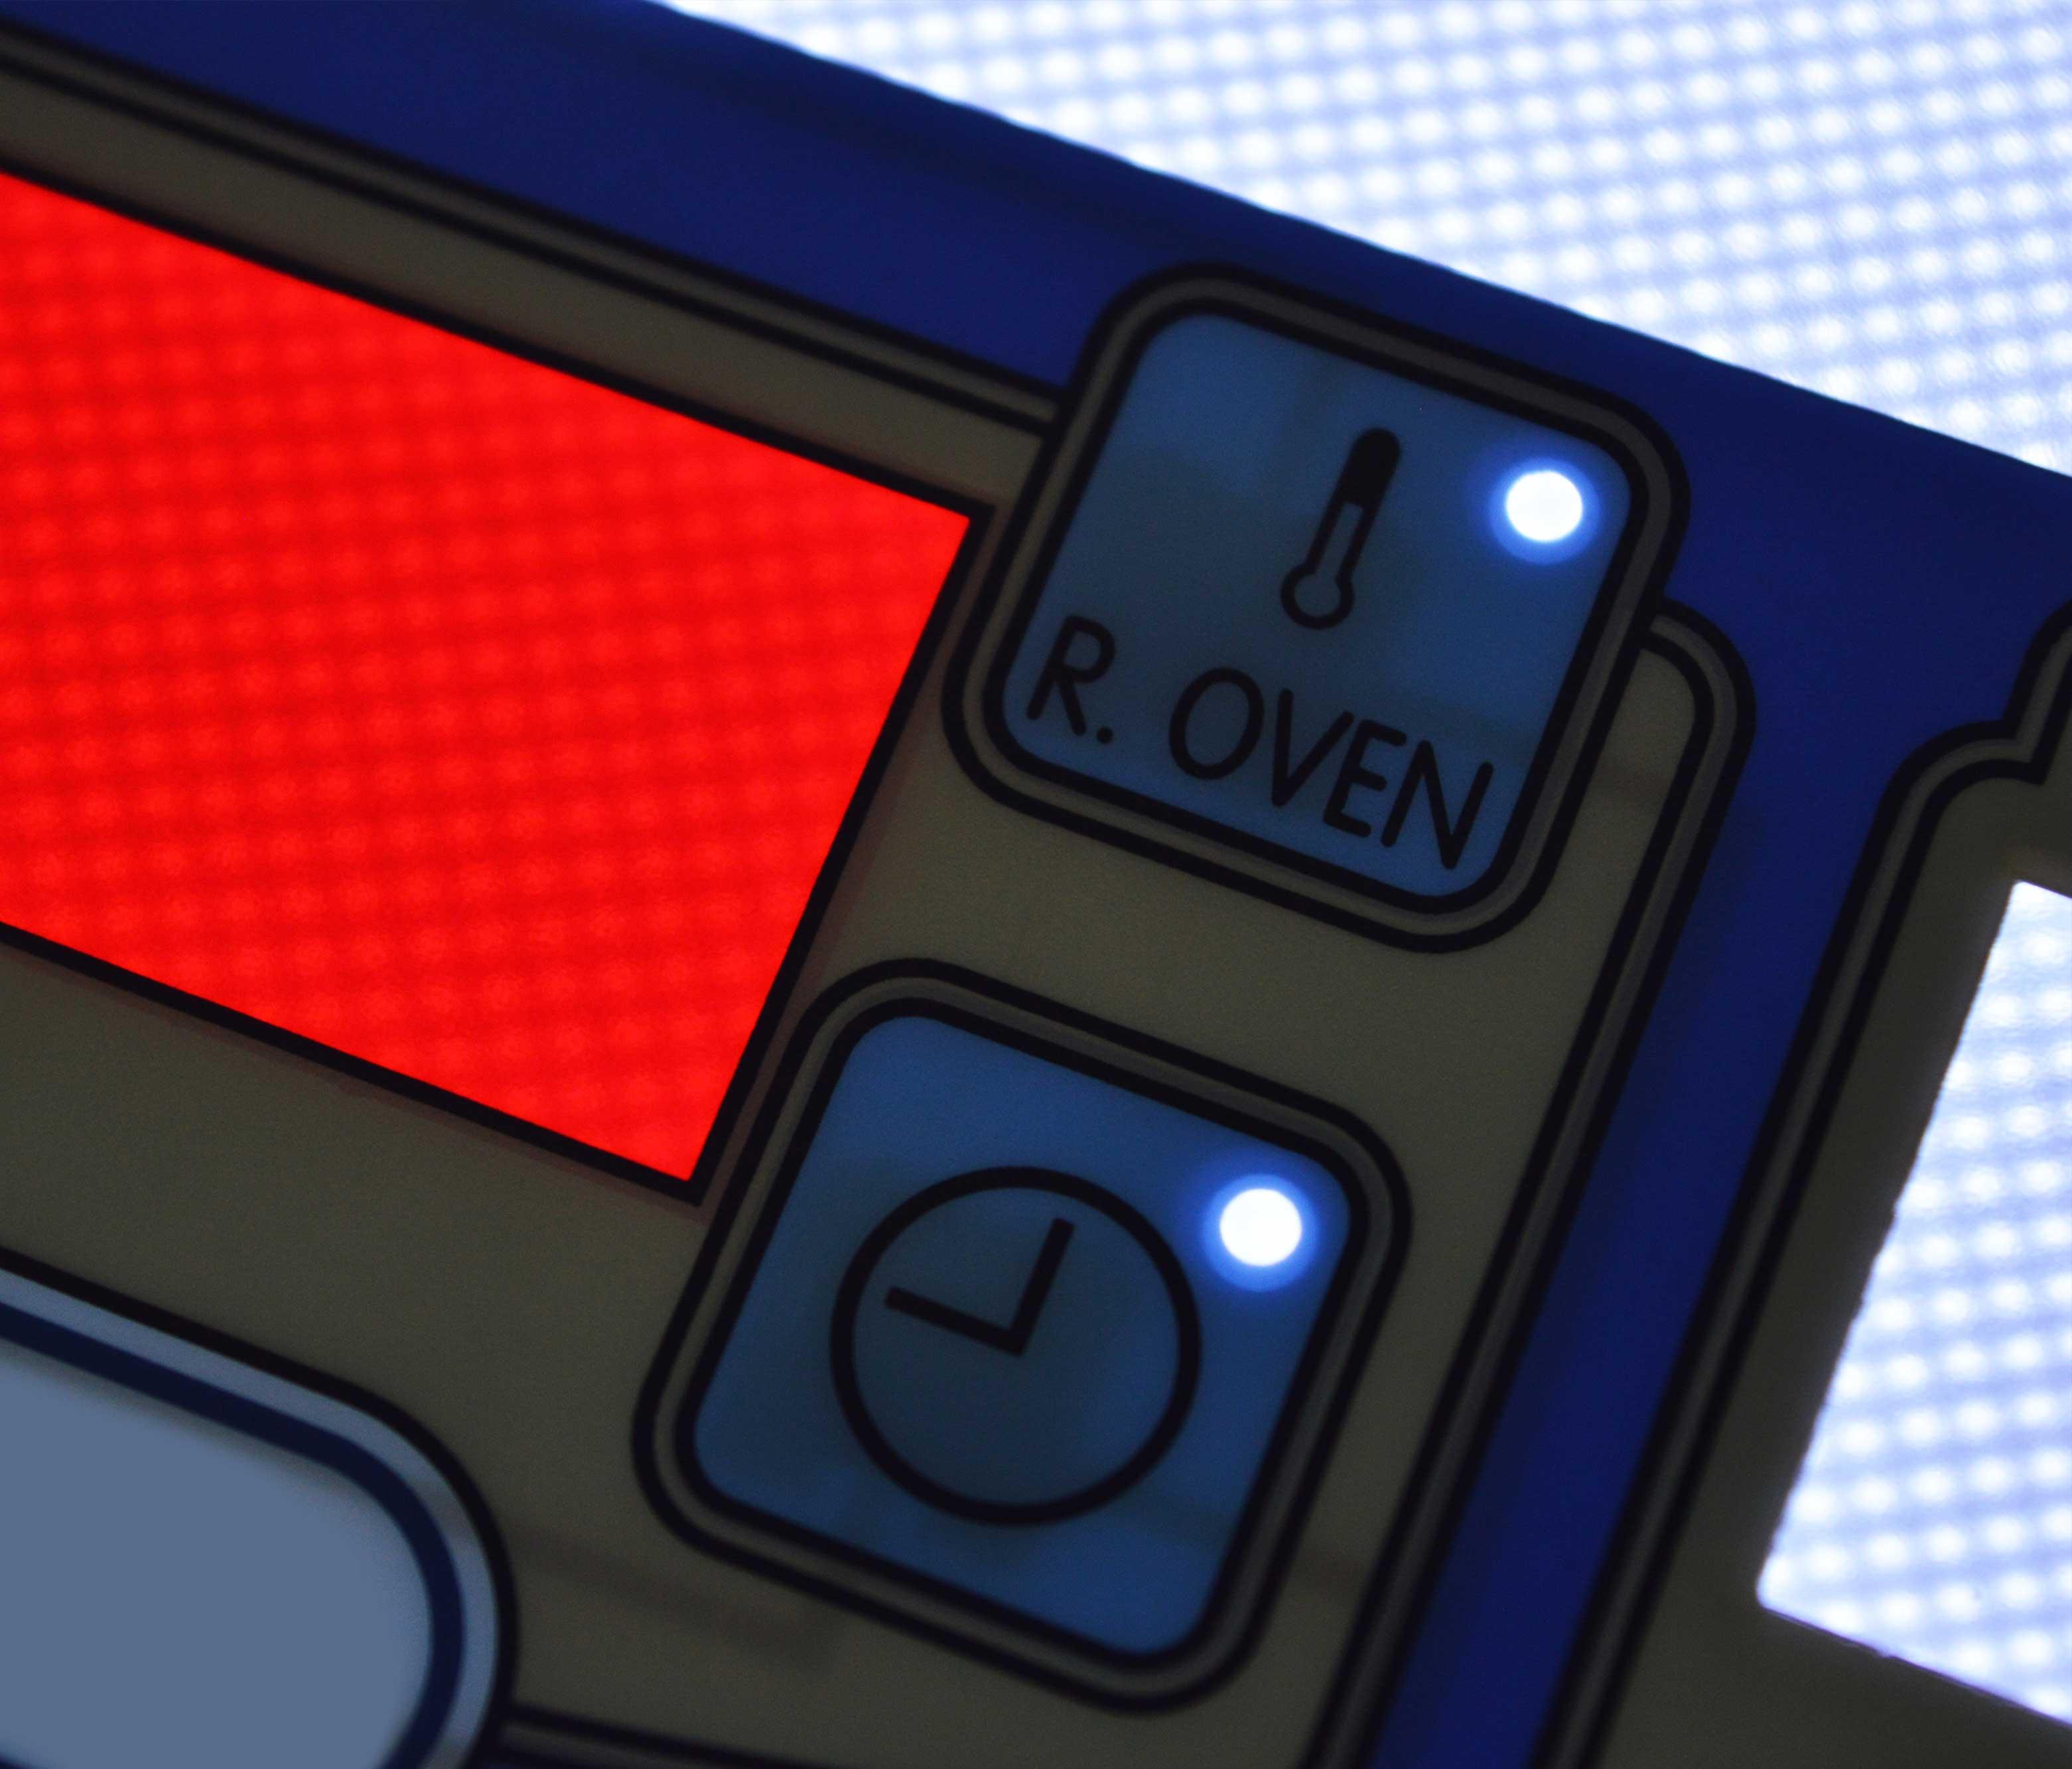 Backlit Membrane Keypads and Keyboards